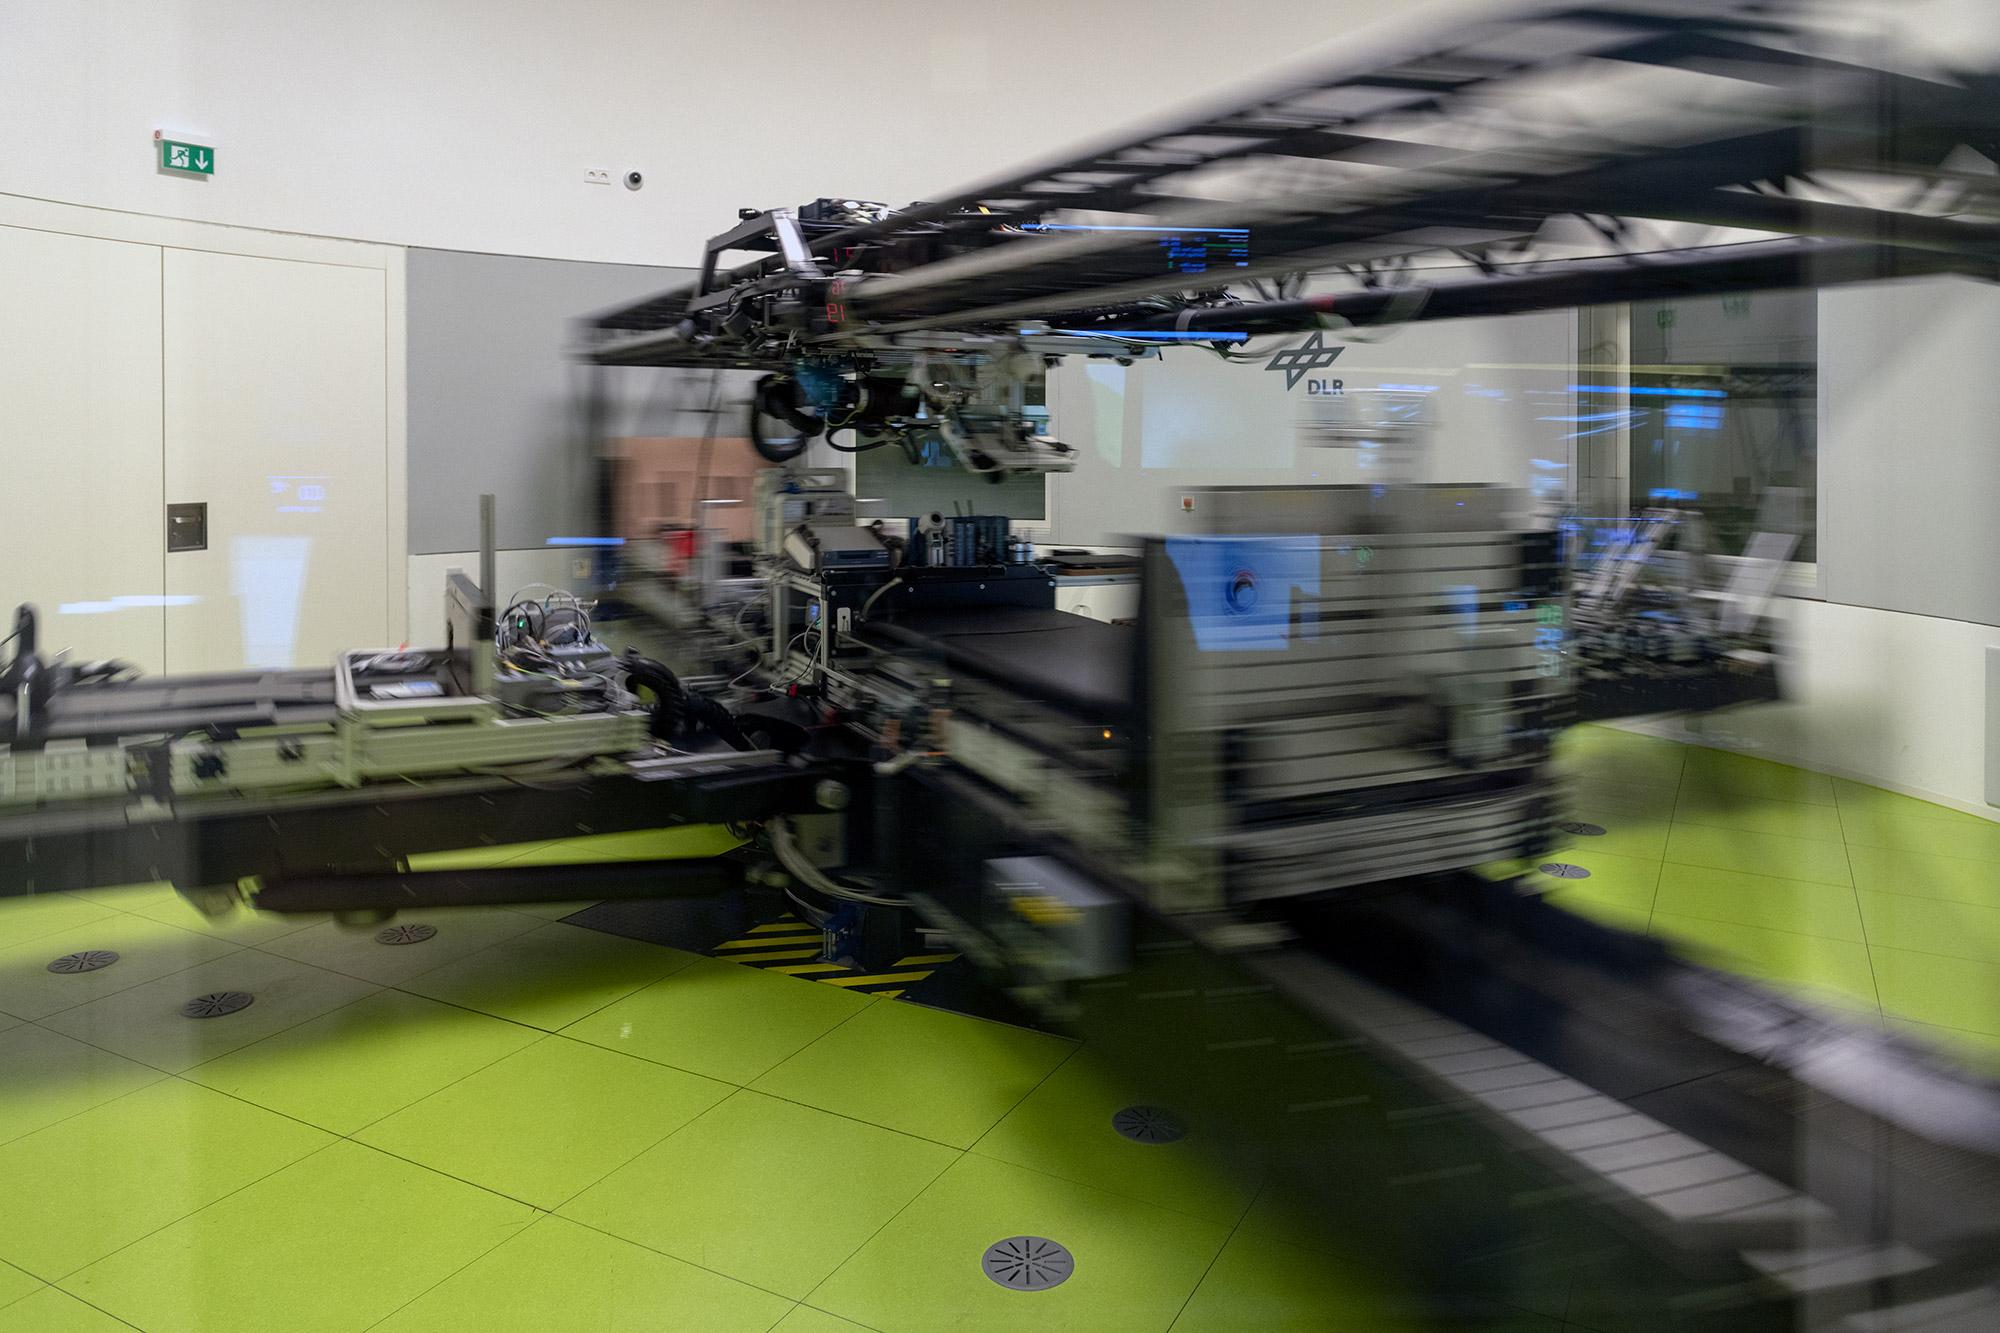 Pressetermin im :envihab des Deutschen Zentrums für Luft- und Raumfahrt an der Kurzarmzentrifuge